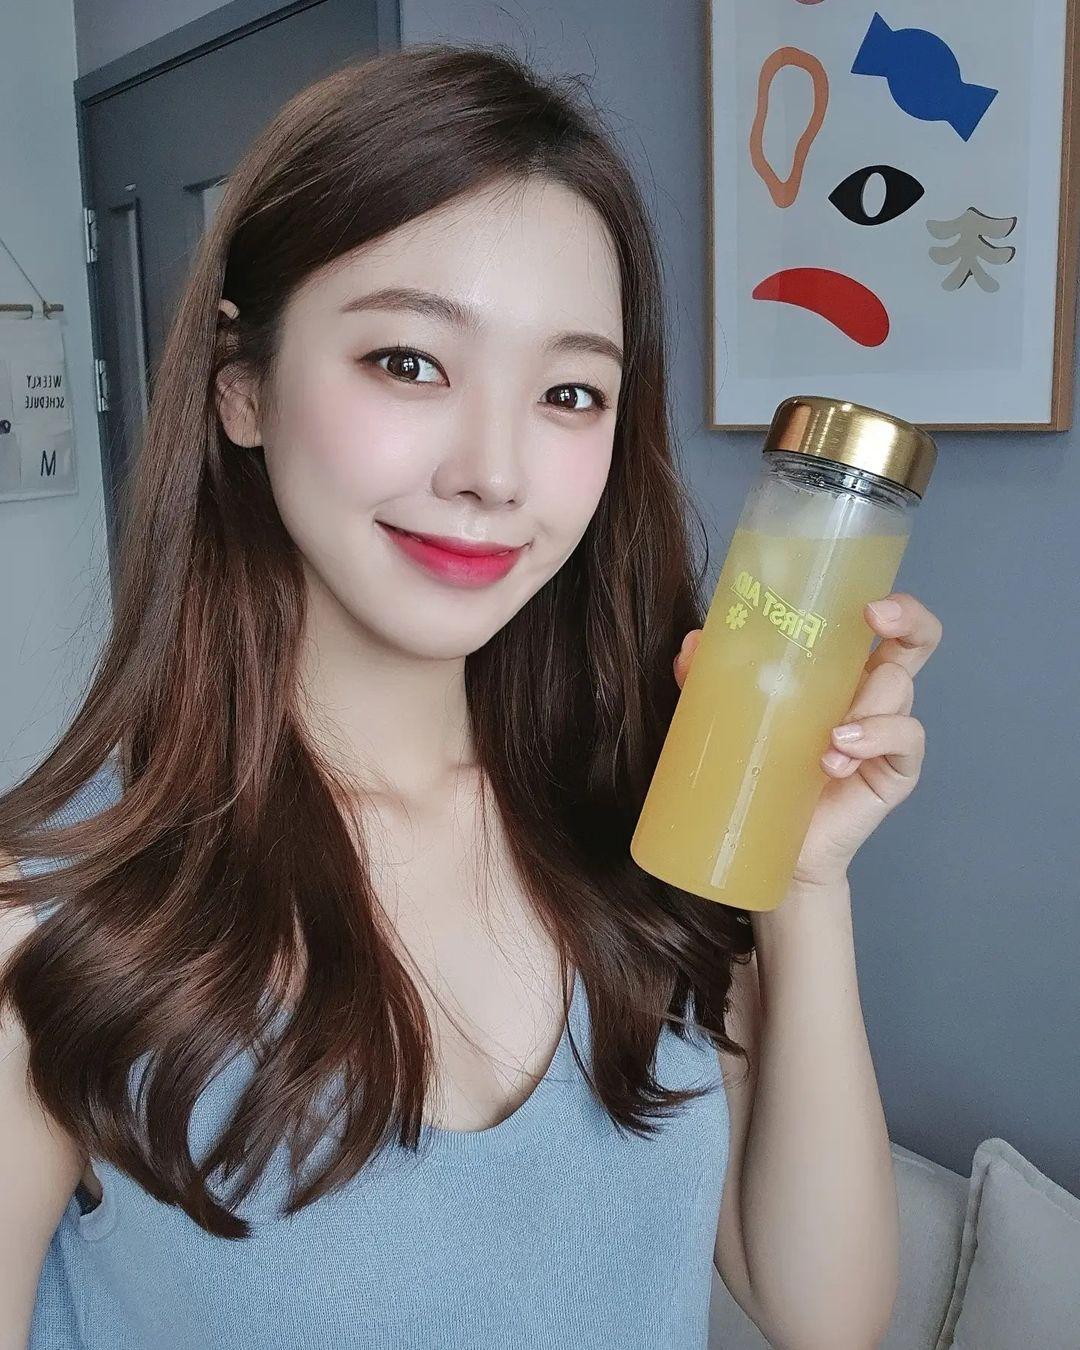 5 nước uống chống lão hóa bình dân mà hiệu quả thần kỳ, chị em ngoài 30 chăm uống mỗi ngày để da đẹp căng - Ảnh 1.